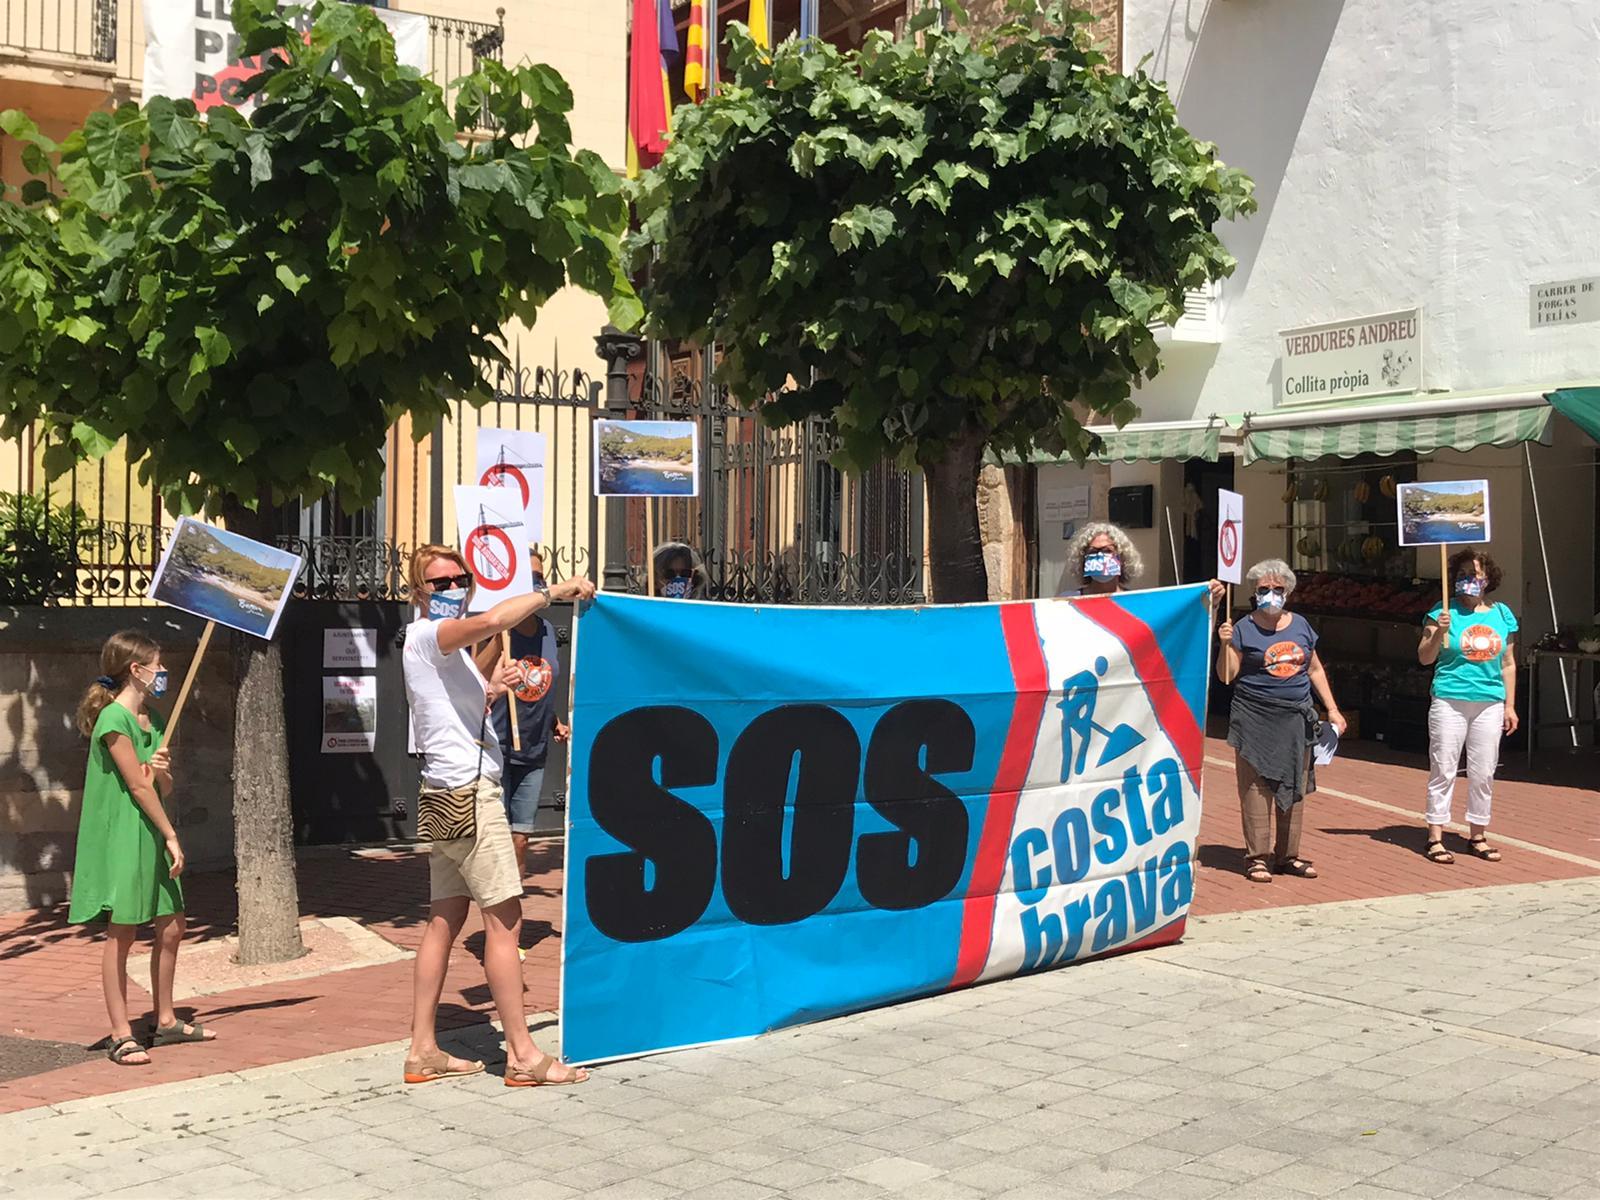 Protesta de Sos Costa Brava delante del ayuntamiento de Begur